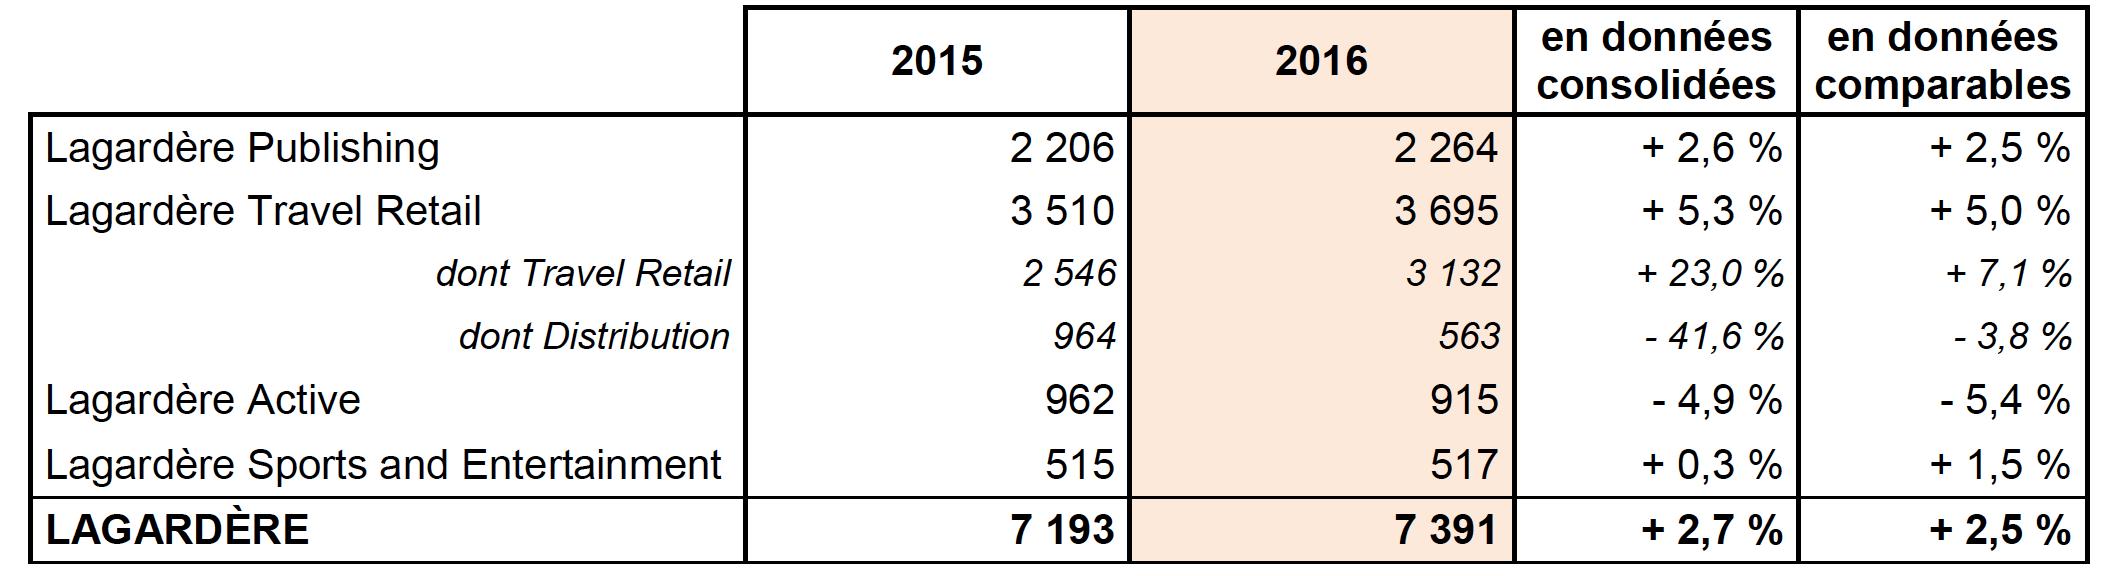 915 M€ de CA pour Lagardère Active en 2016